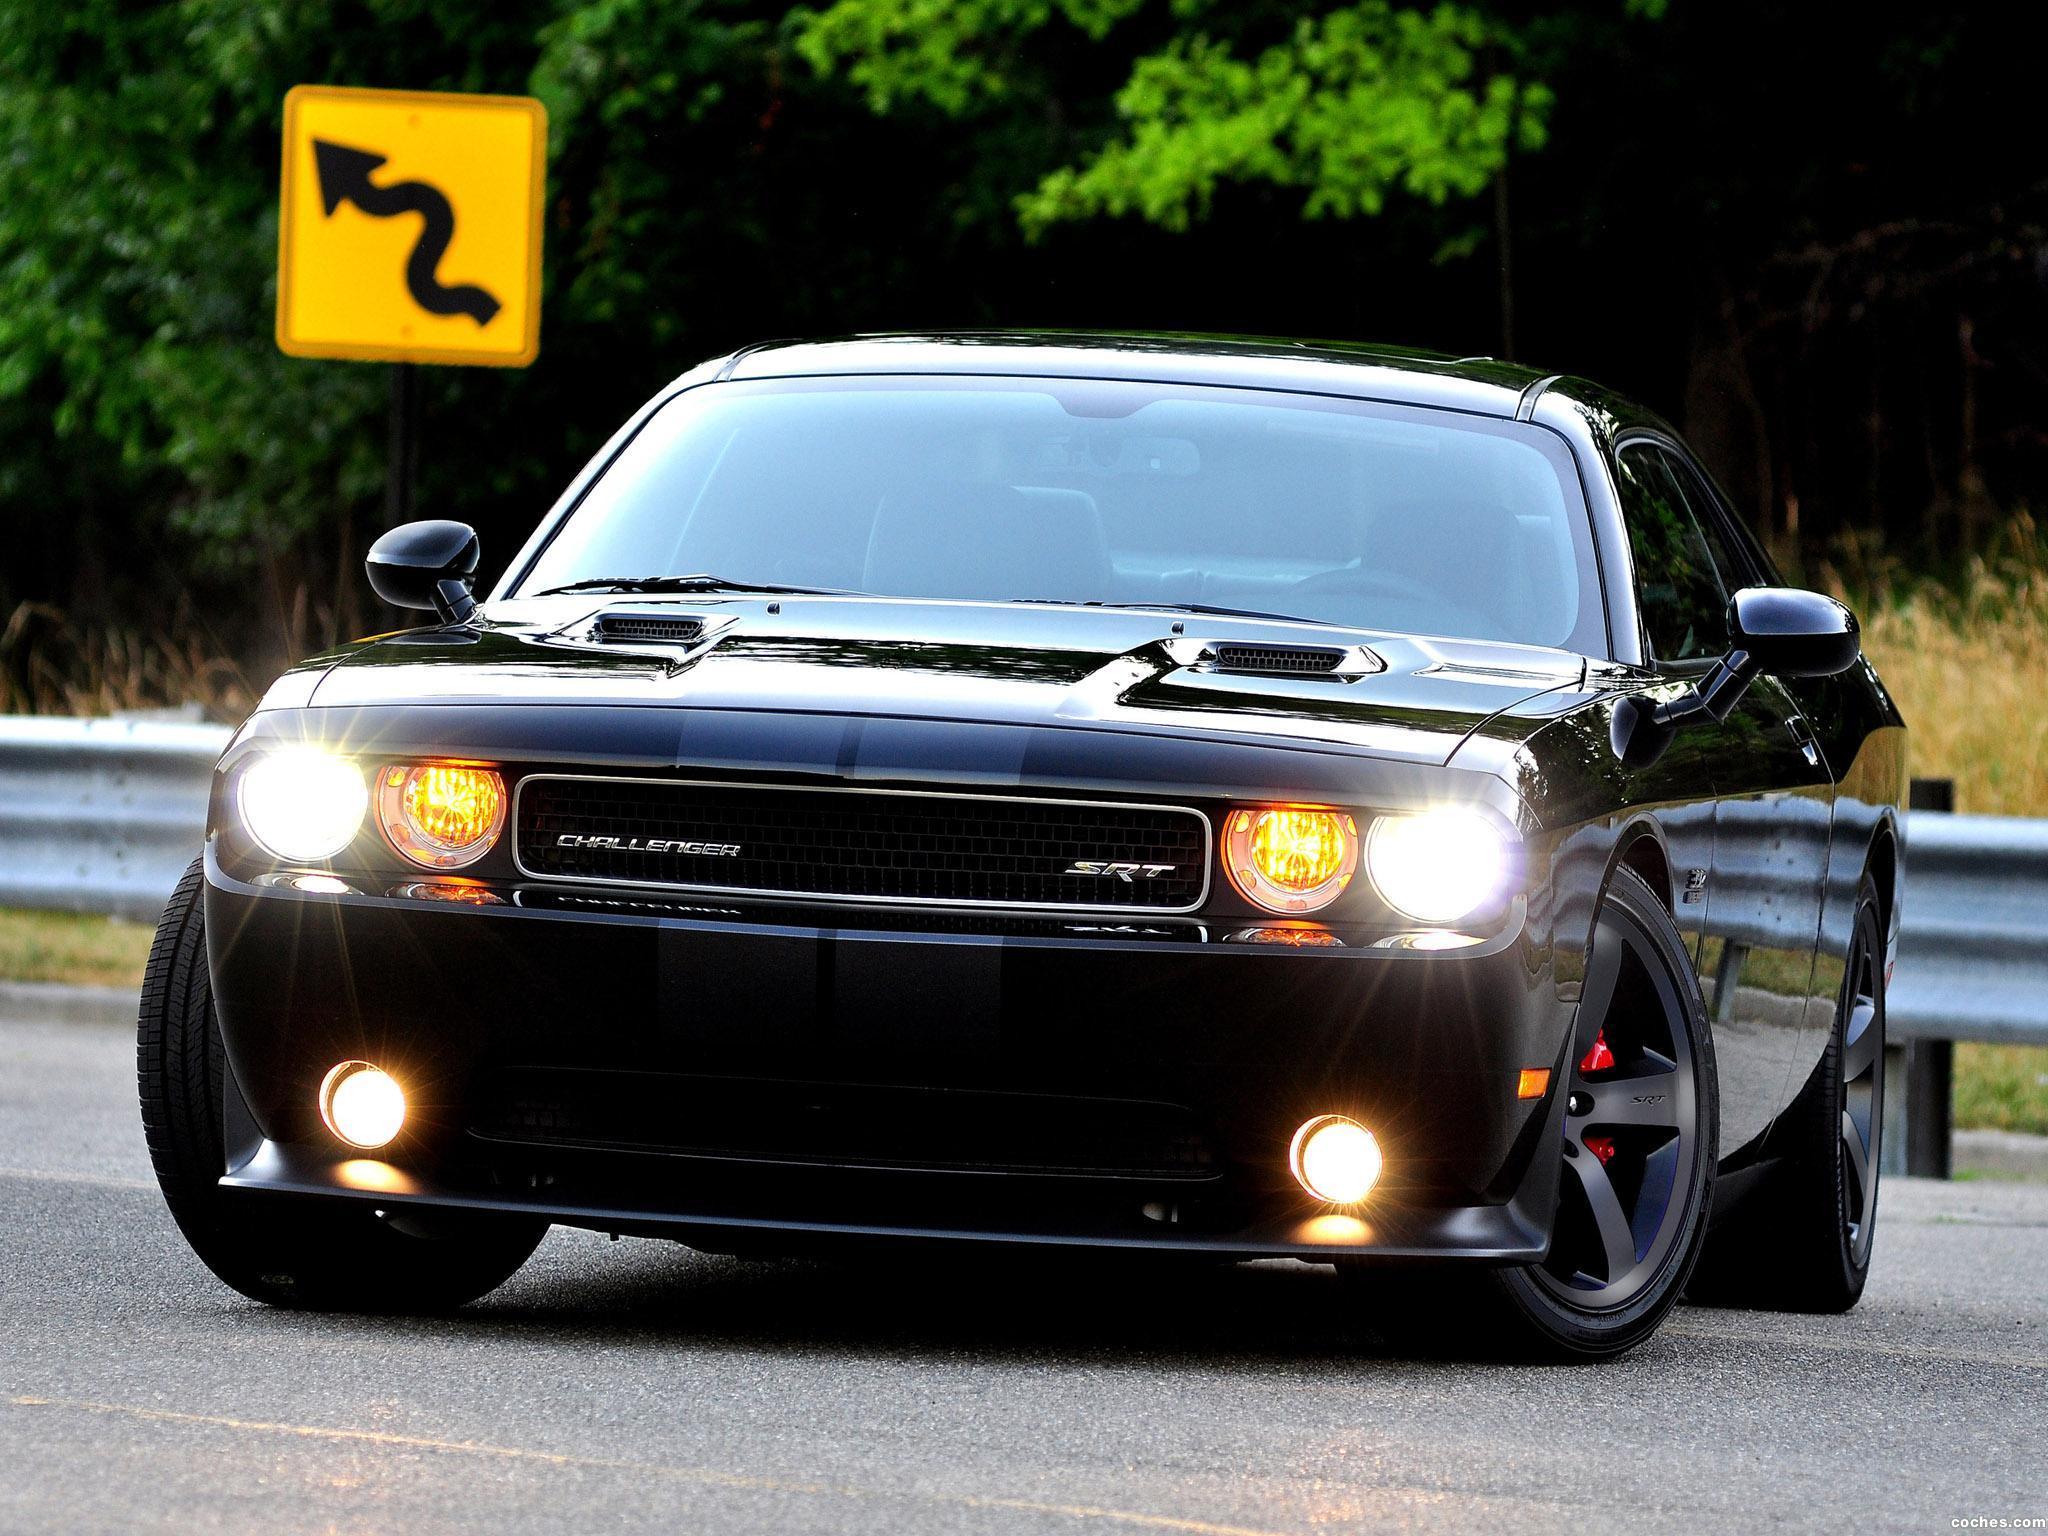 Foto 0 de Dodge Challenger SRT8 Sergio Marchionne 2013